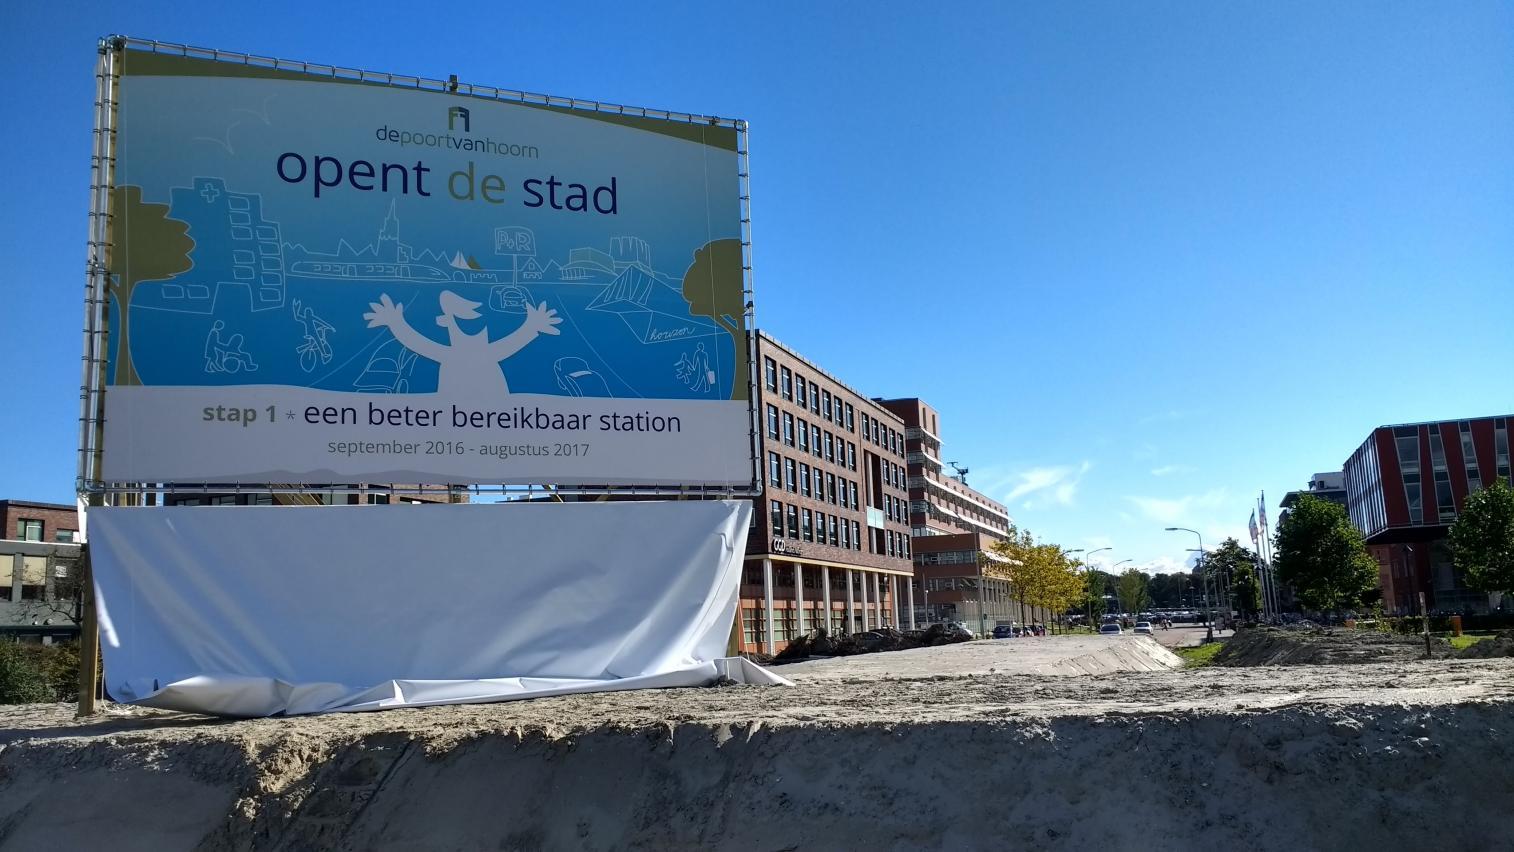 Aansluiting Maelsonstraat stap 1 in Poort van Hoorn